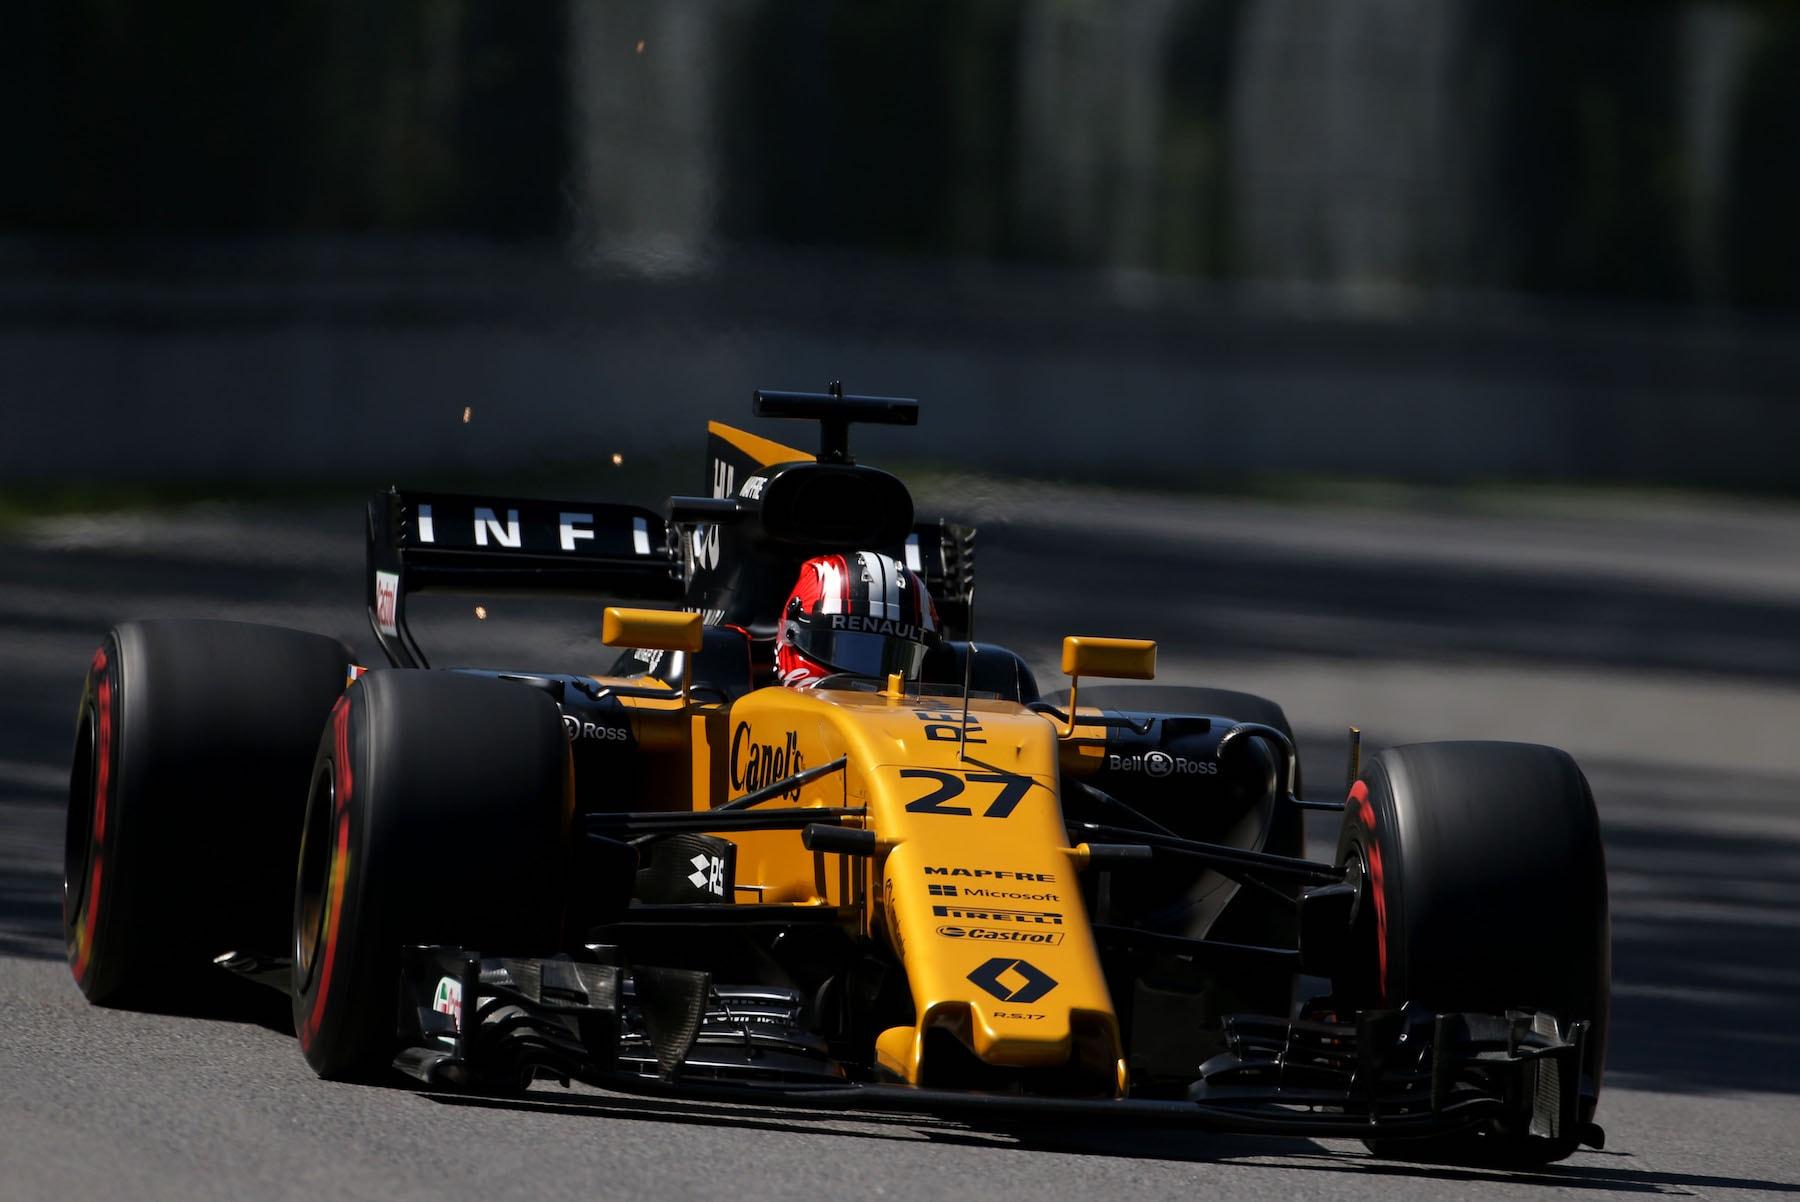 H 2017 Nico Hulkenberg | Renault RS17 | 2017 Canadian GP P8 2 copy.jpg